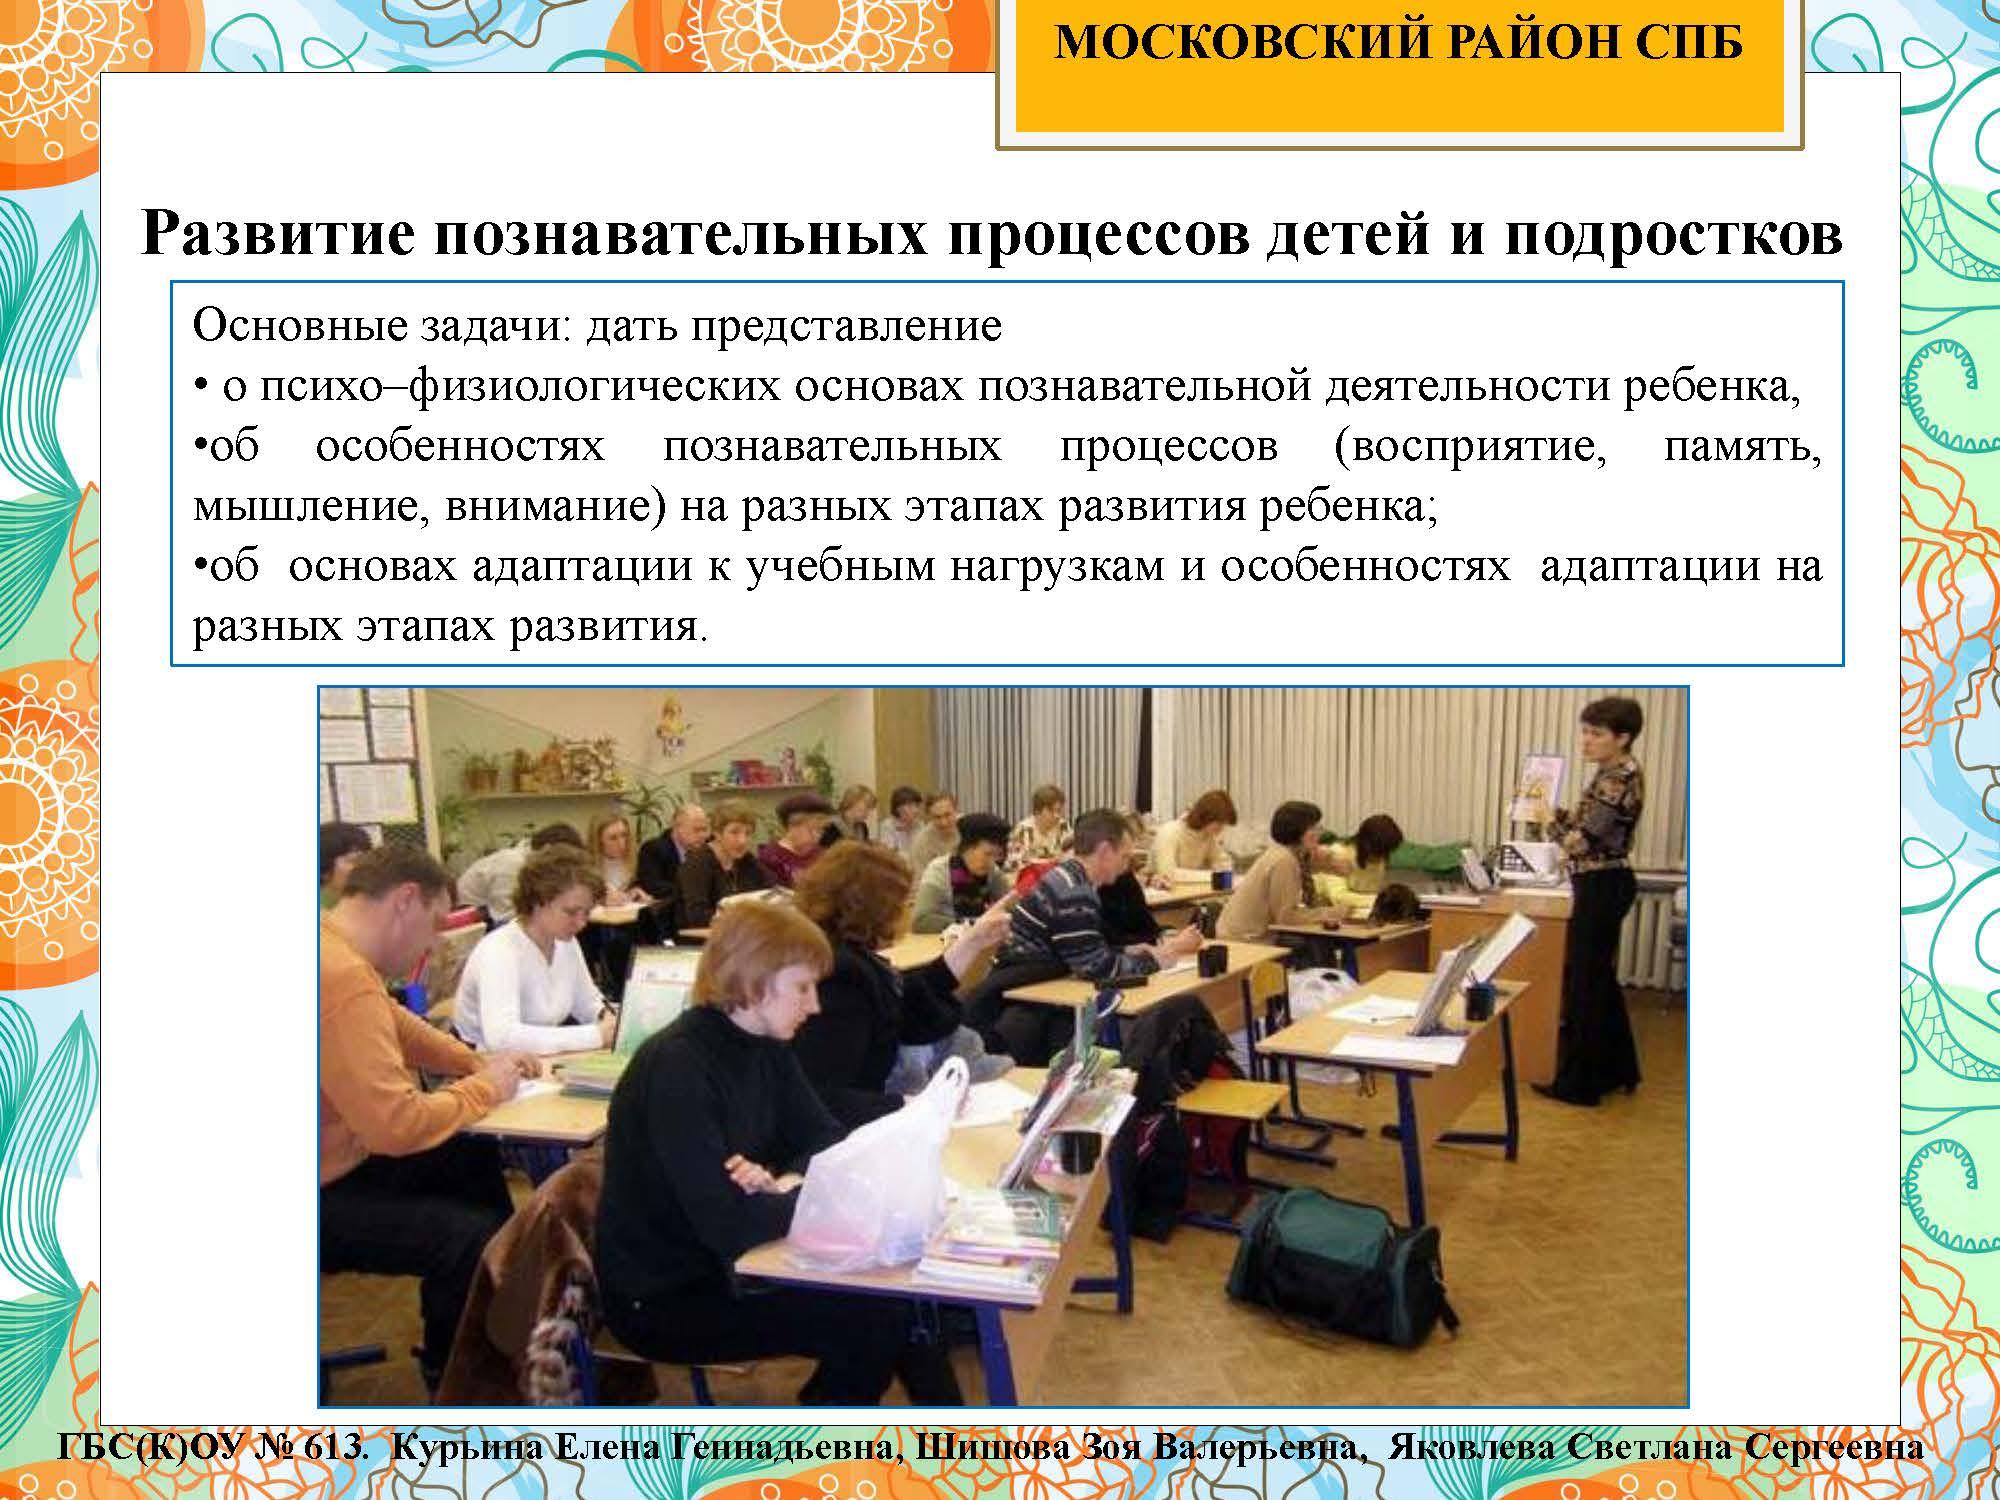 секция 8. ГБС(К)ОУ 613. Московский район_Страница_20